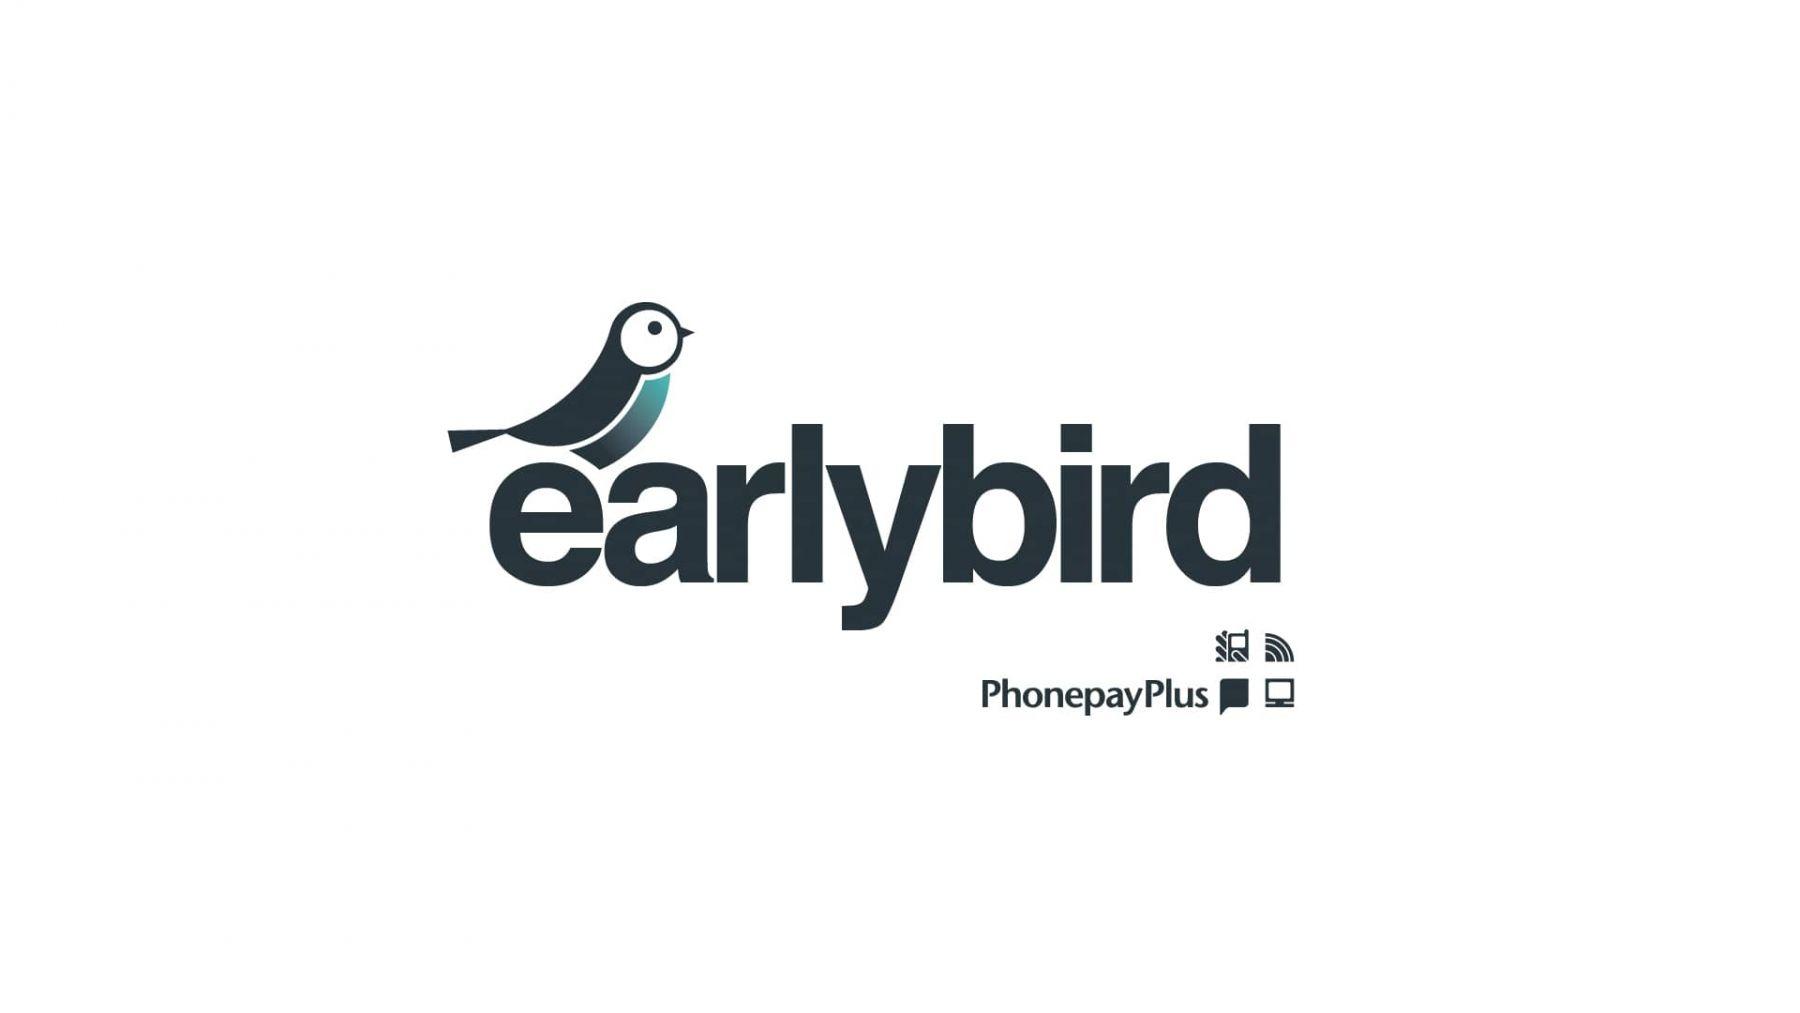 Earlybird logo design